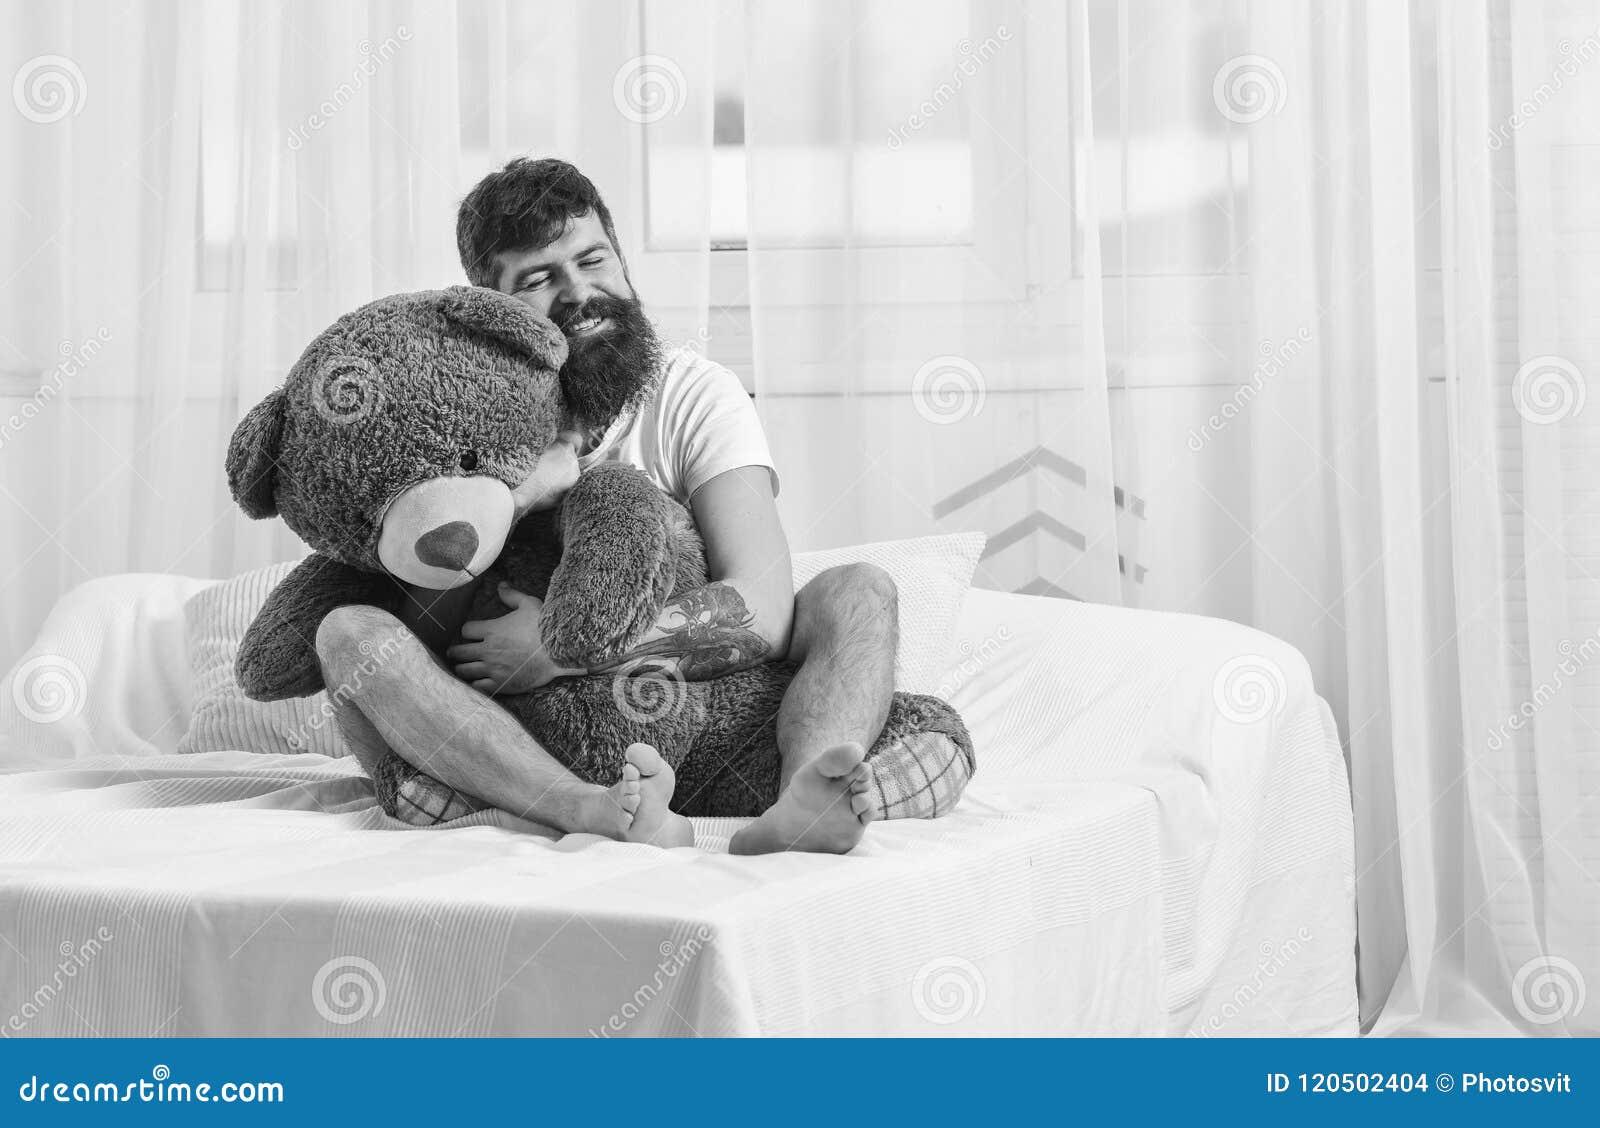 不要长大概念 愉快的面孔的人拥抱巨型玩具熊 人坐床并且拥抱大玩具,白色帷幕